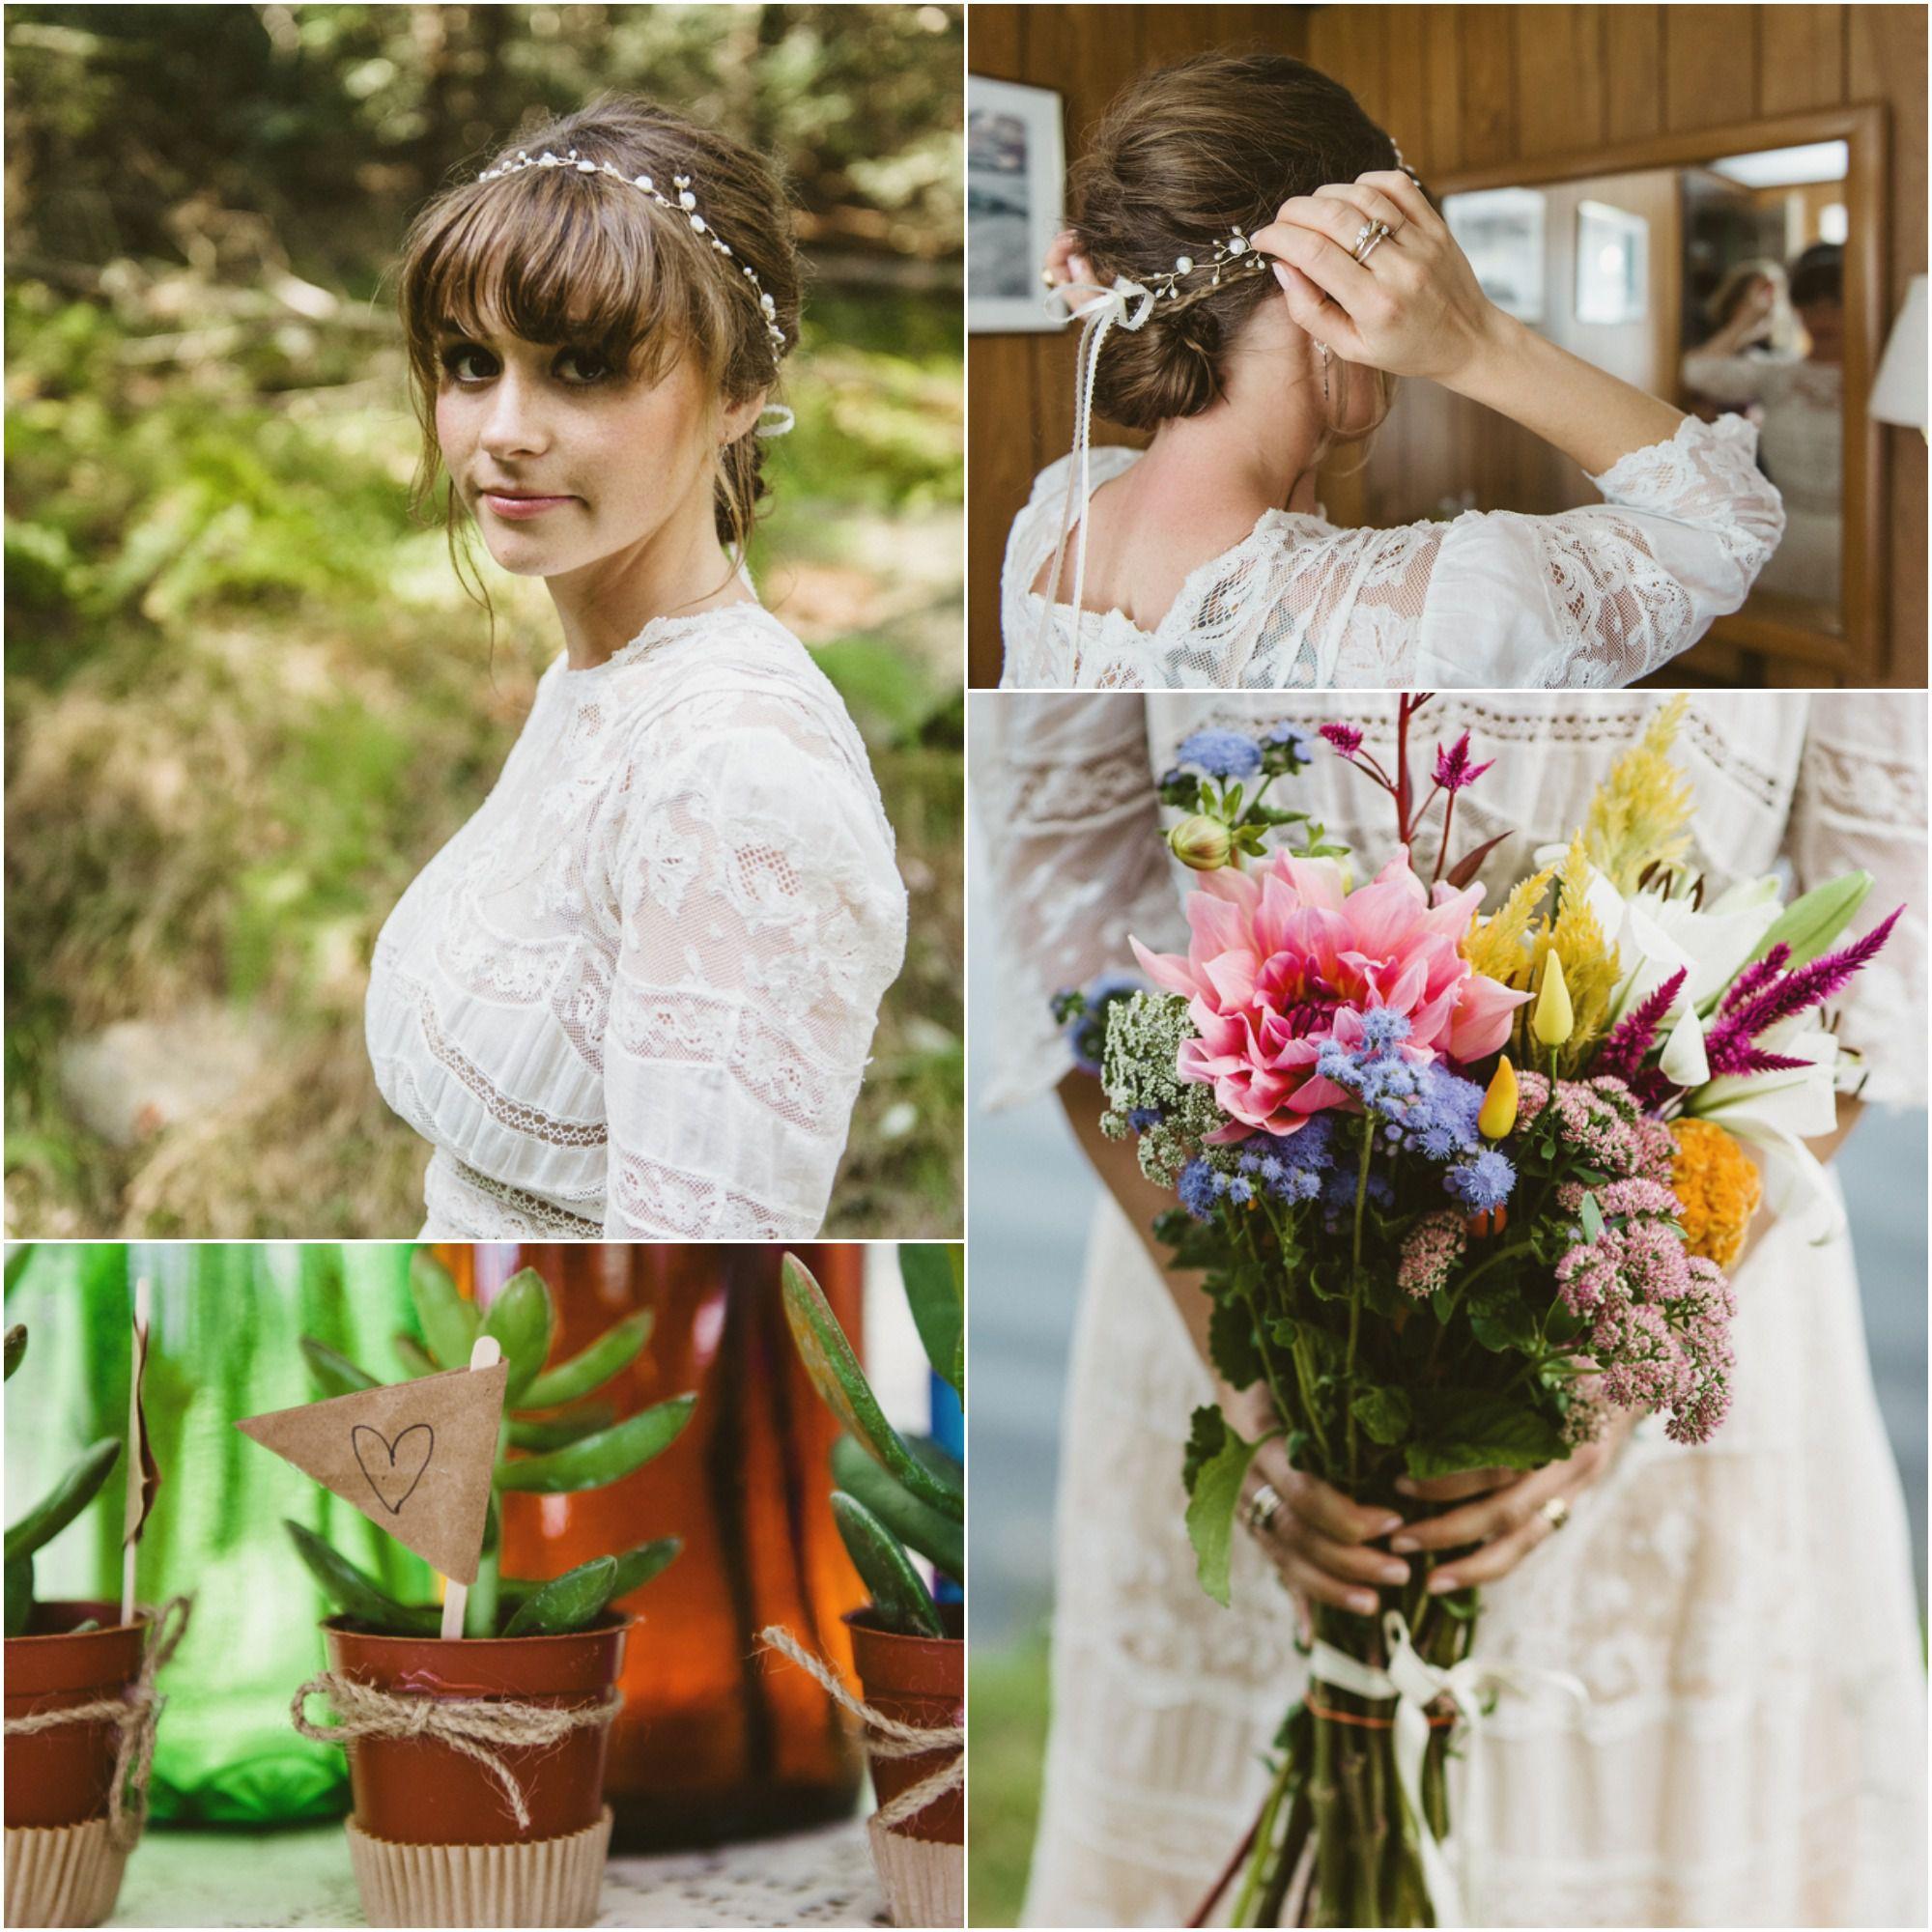 Rustic Wedding Chic: Rustic Scottish Wedding